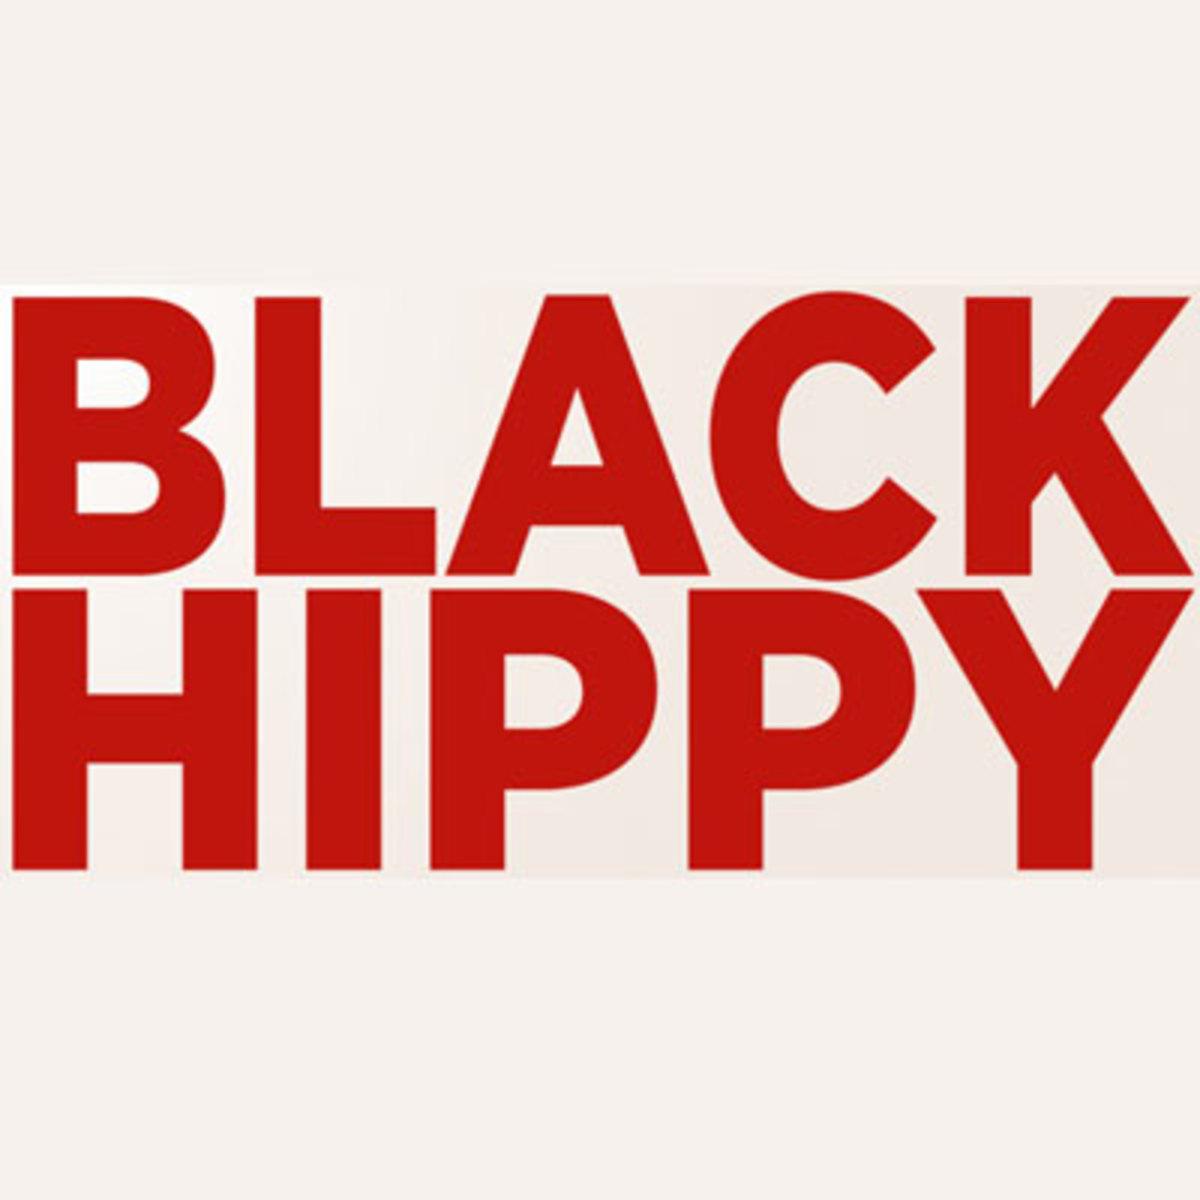 blackhippy.jpg